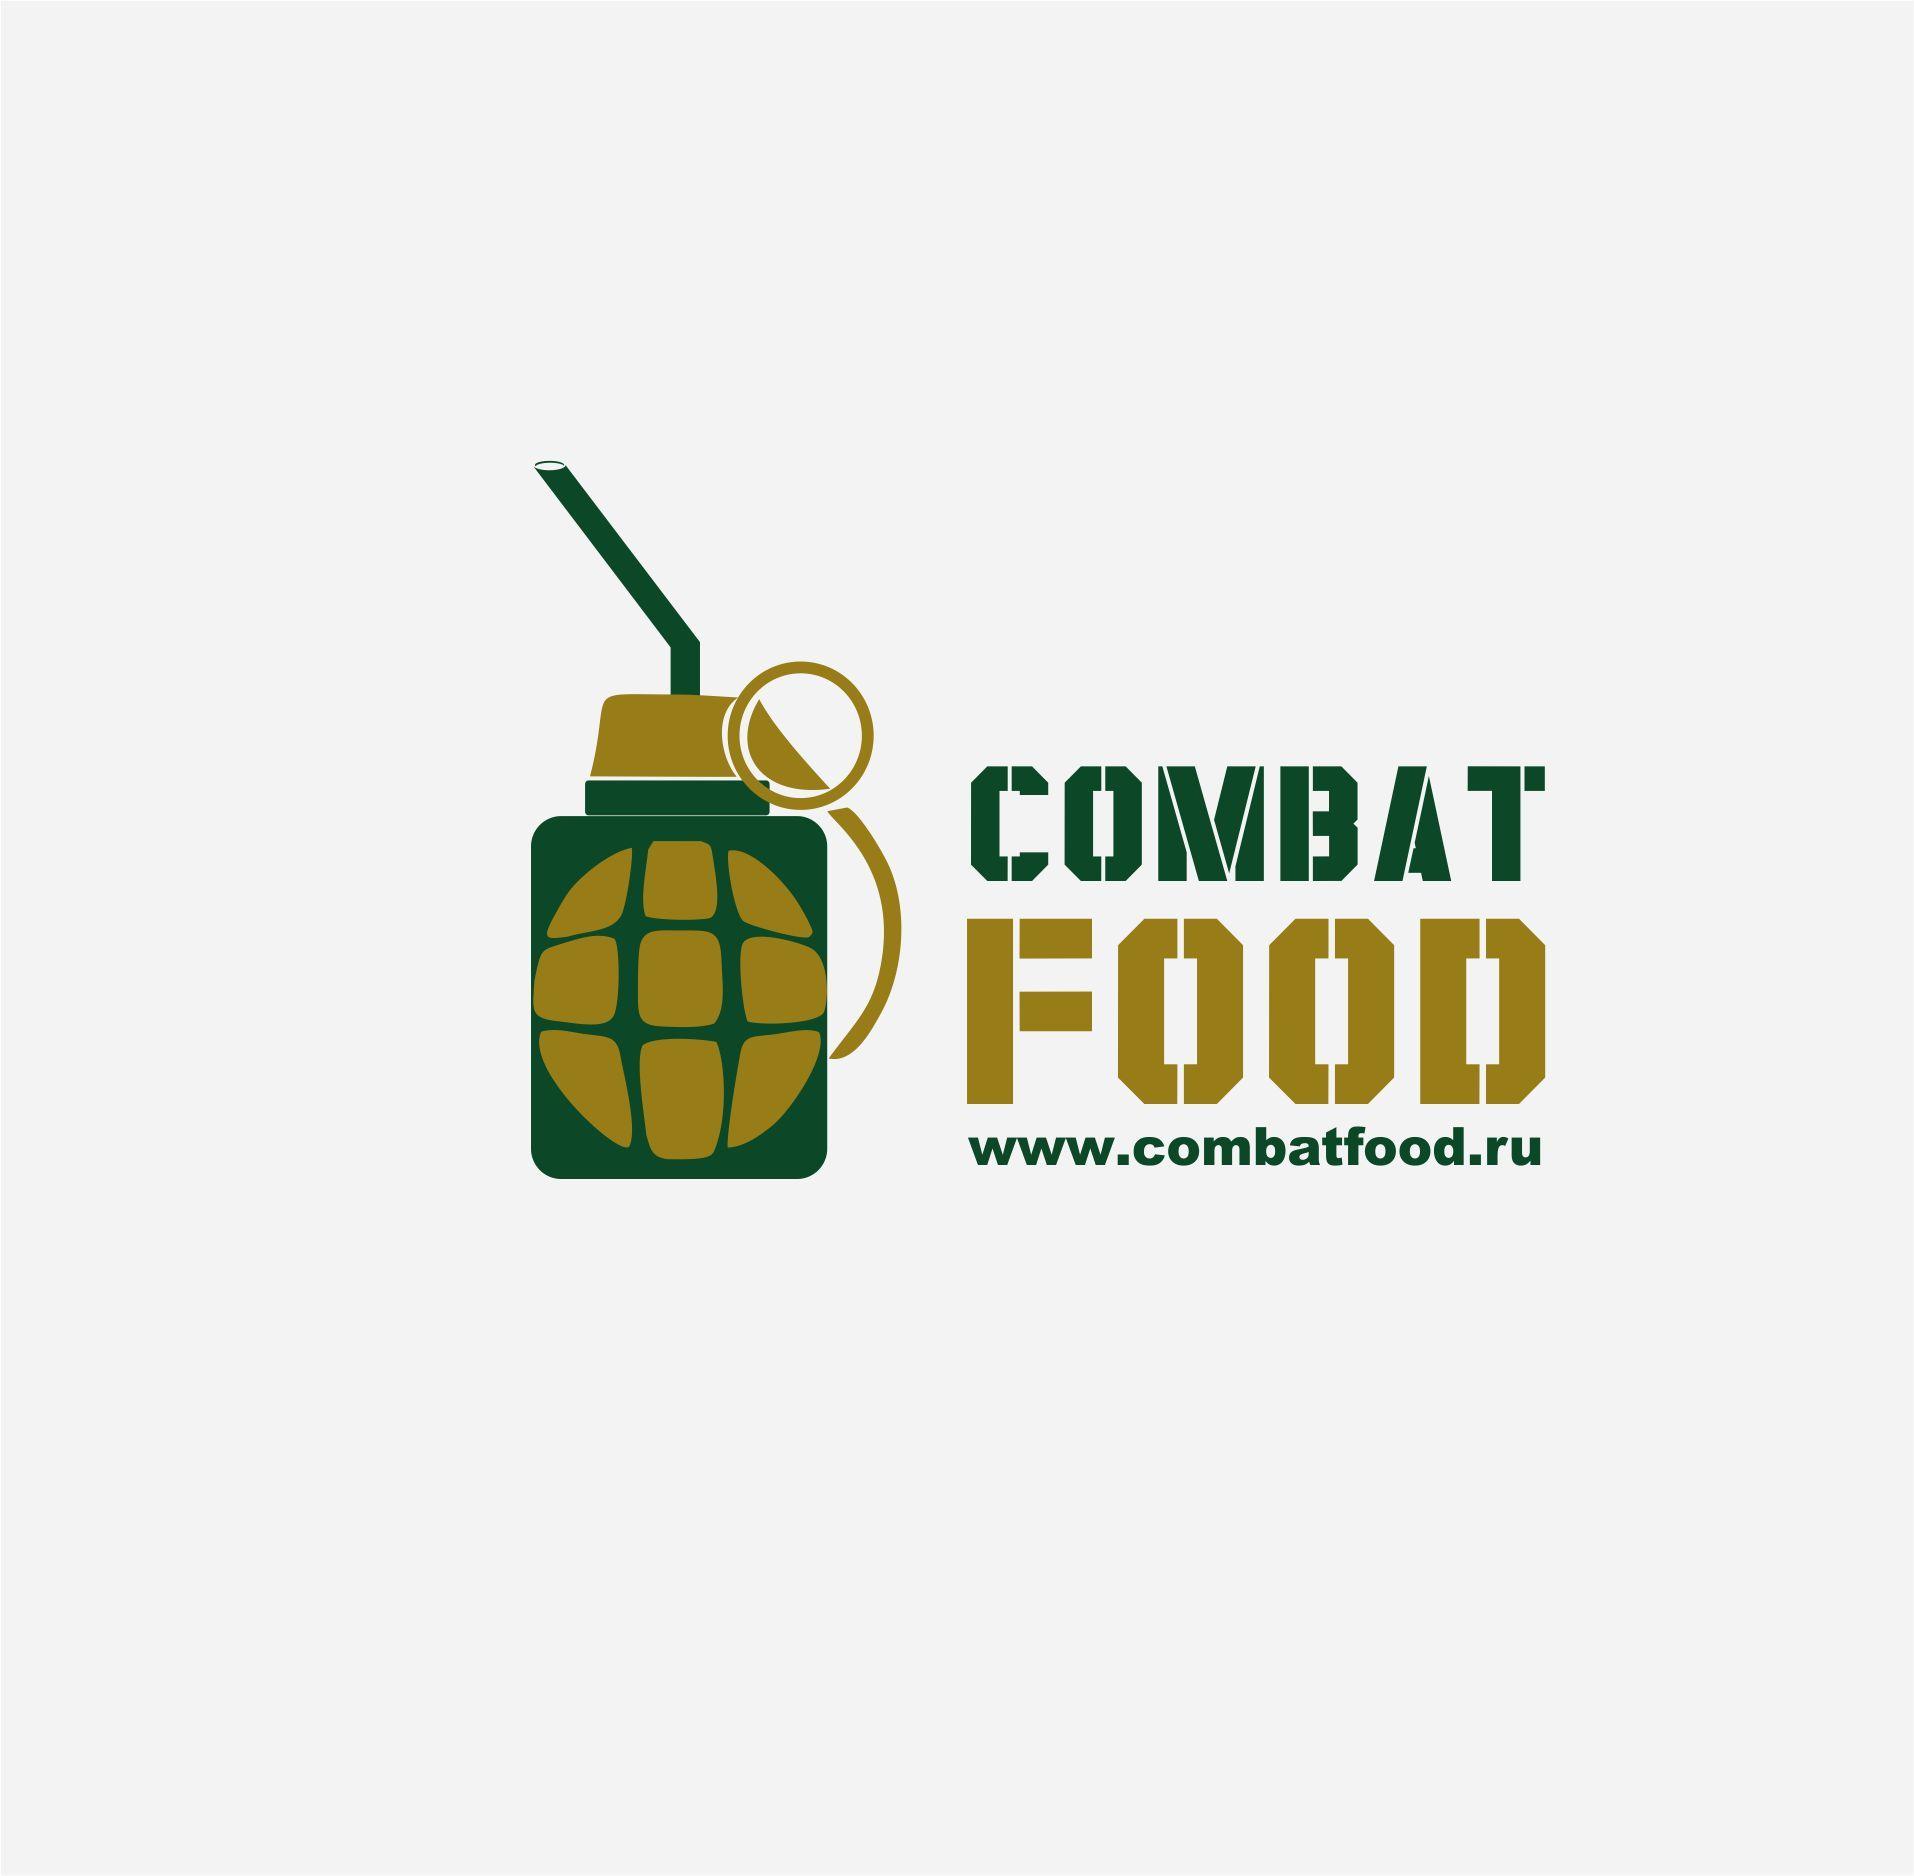 Логотип для интернет-магазина спортивного питания - дизайнер dbyjuhfl